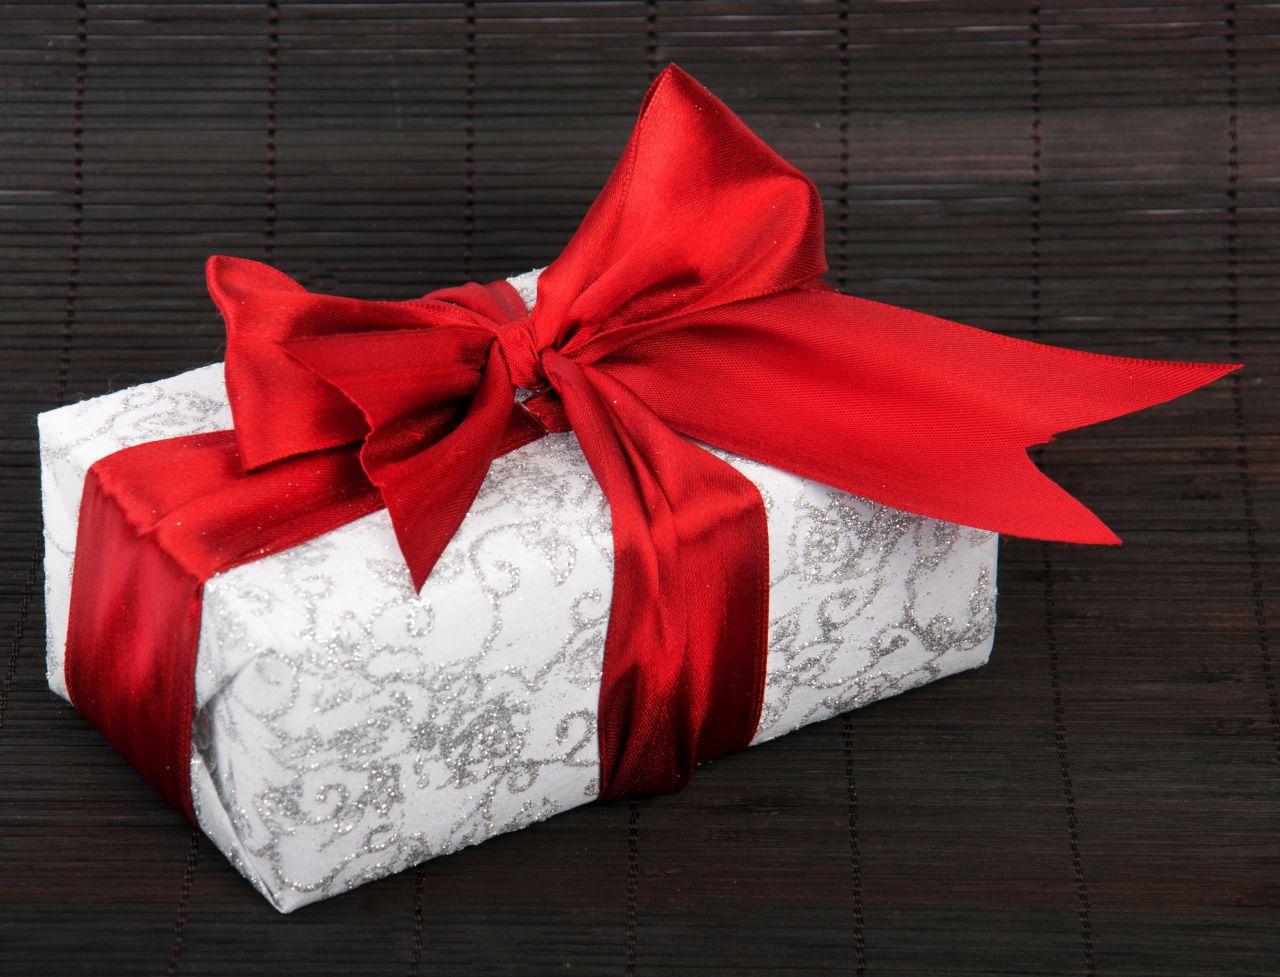 lifestyle-prezent-pakowanie-prezentow-1